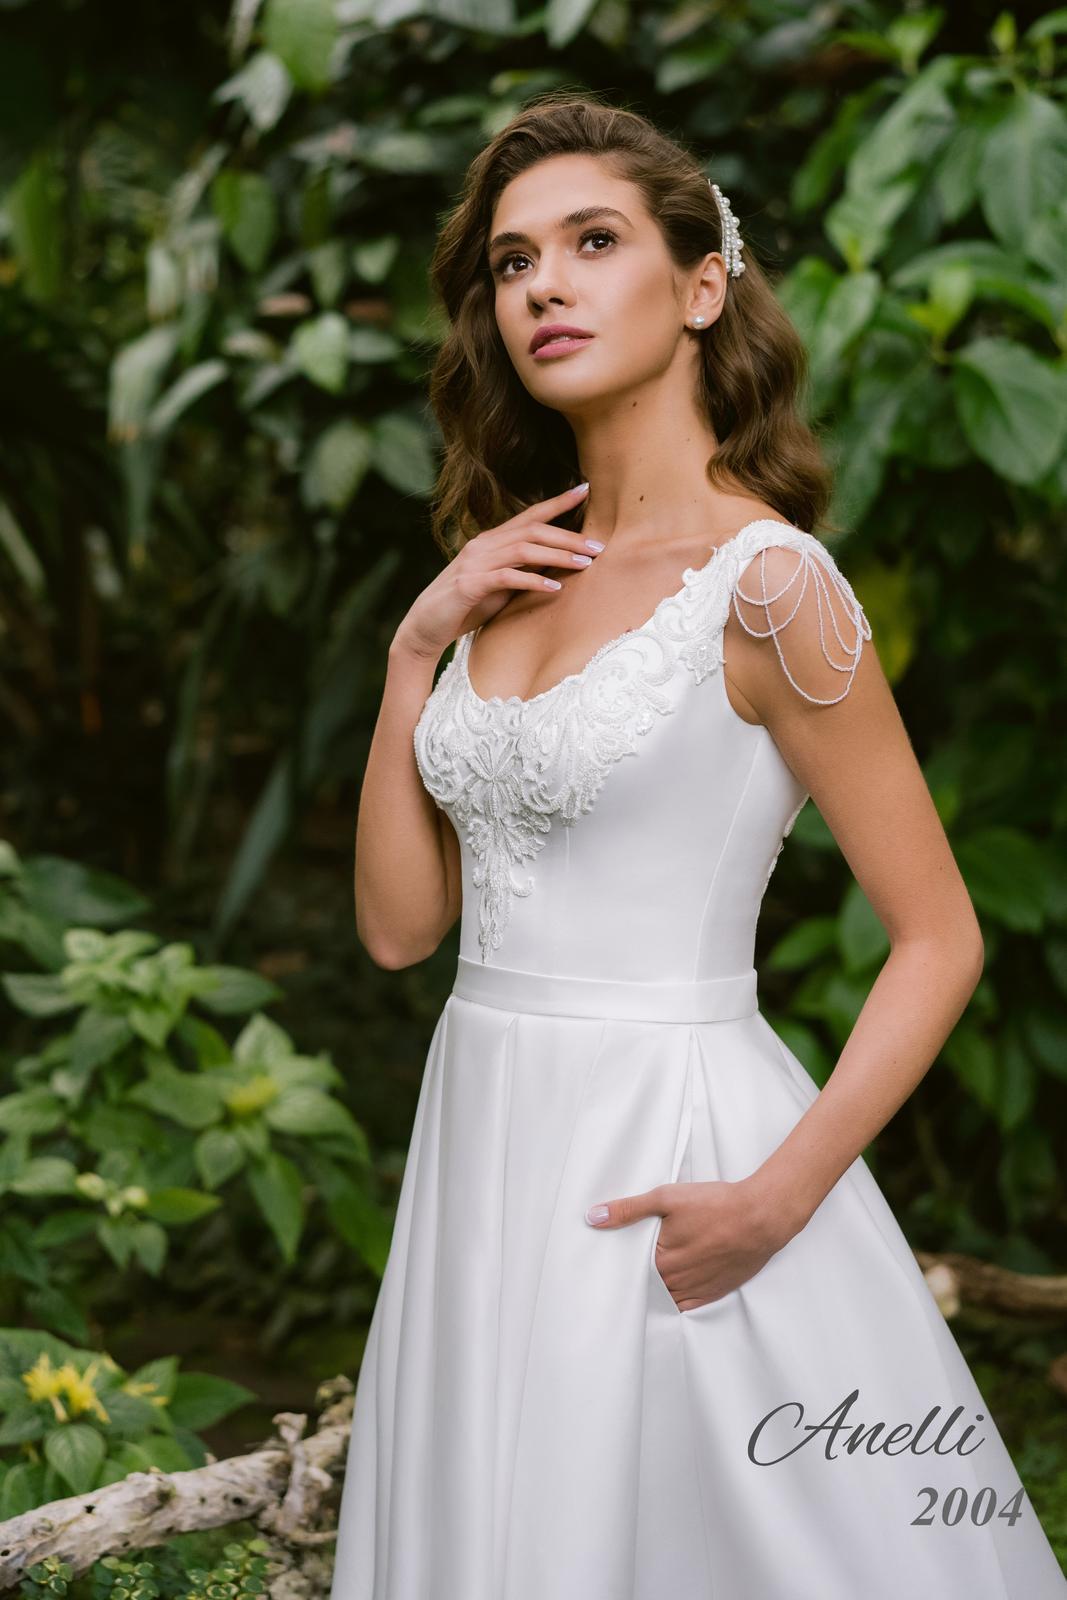 Svadobné šaty - Breeze 2004 - Obrázok č. 1